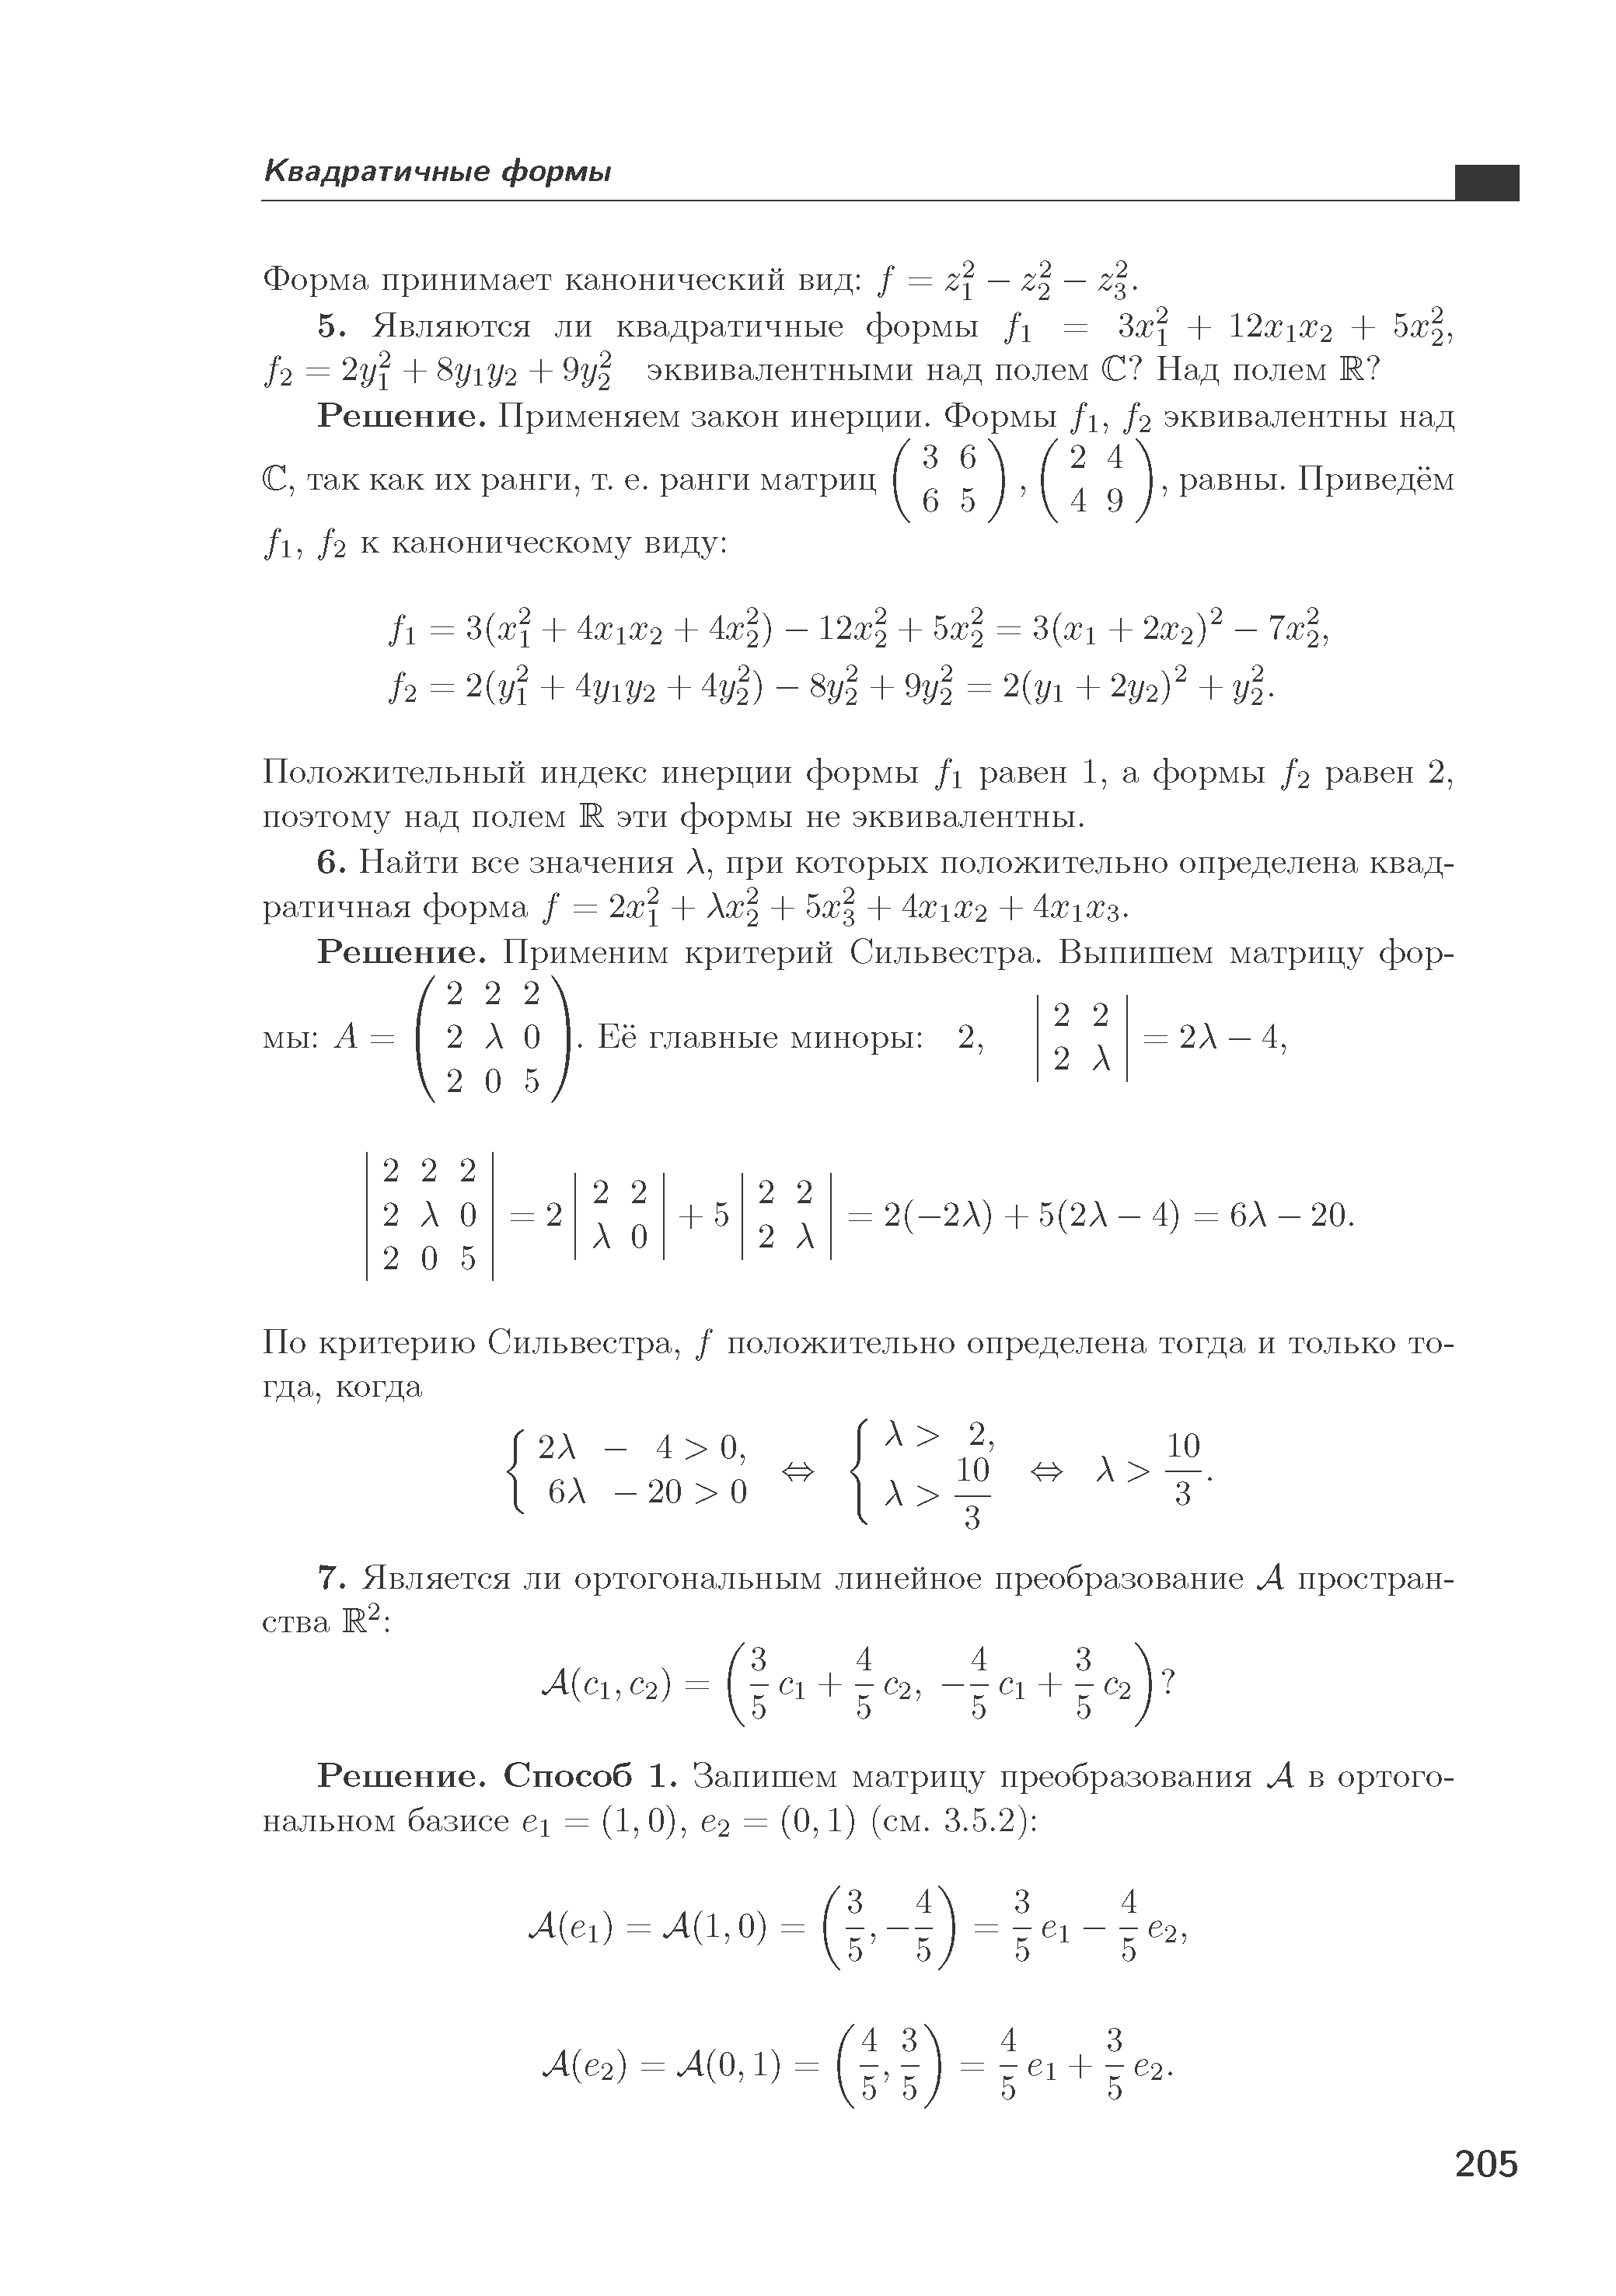 термобелье закон инерции квадратичная форм чего состоит